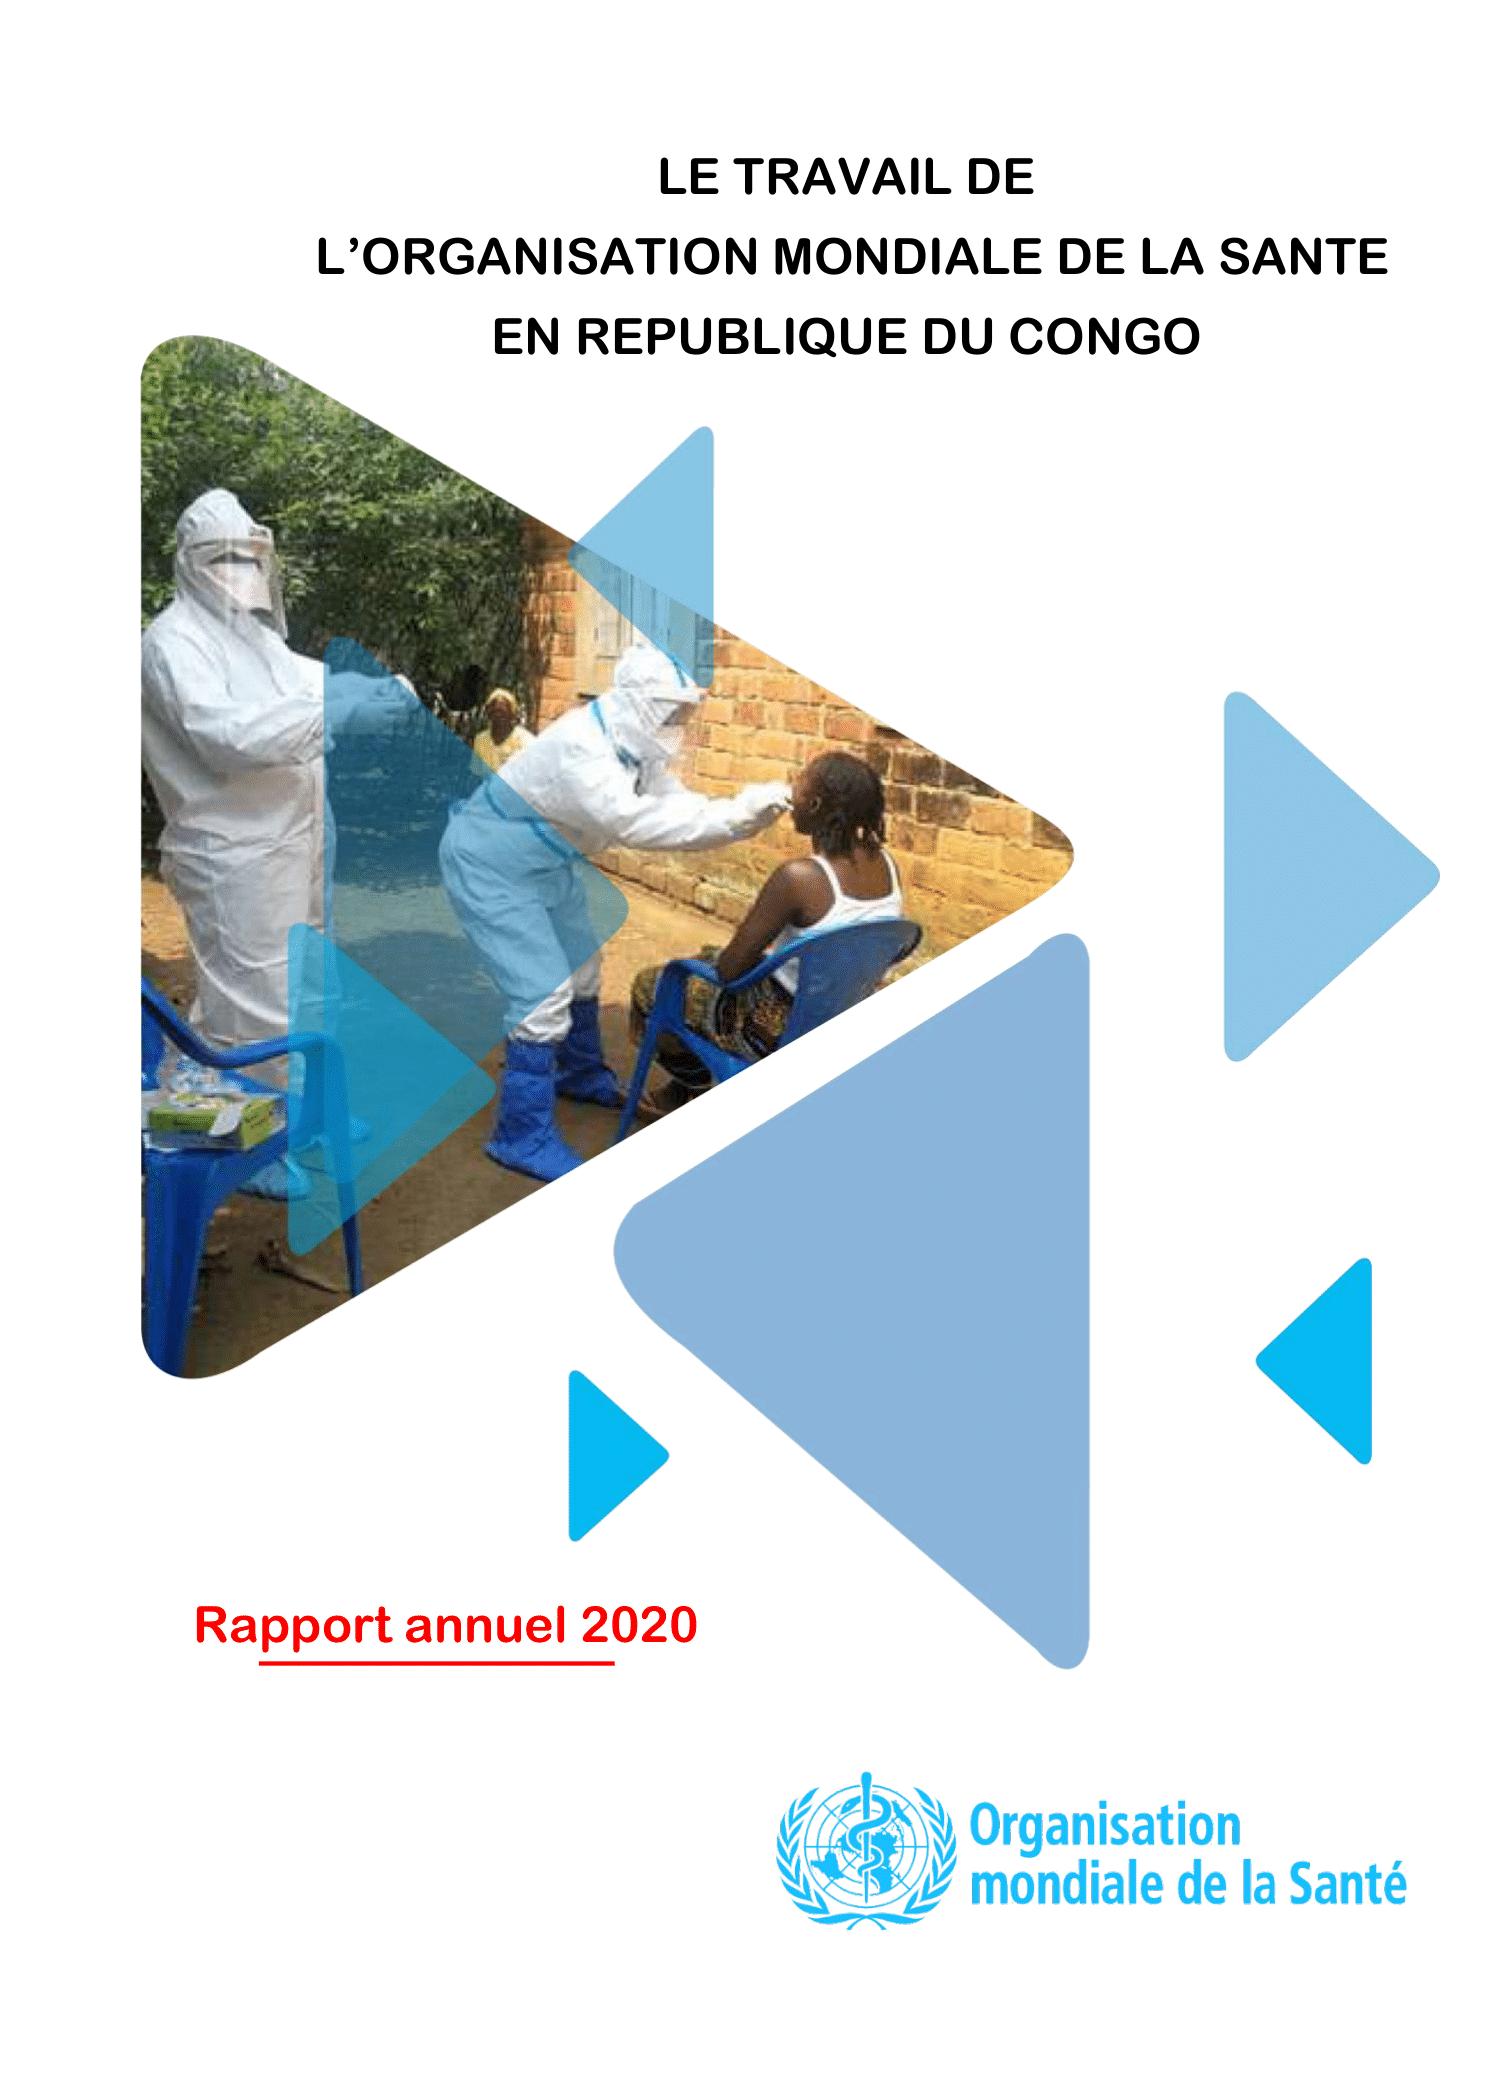 Le travail de l'OMS en République du Congo en 2020